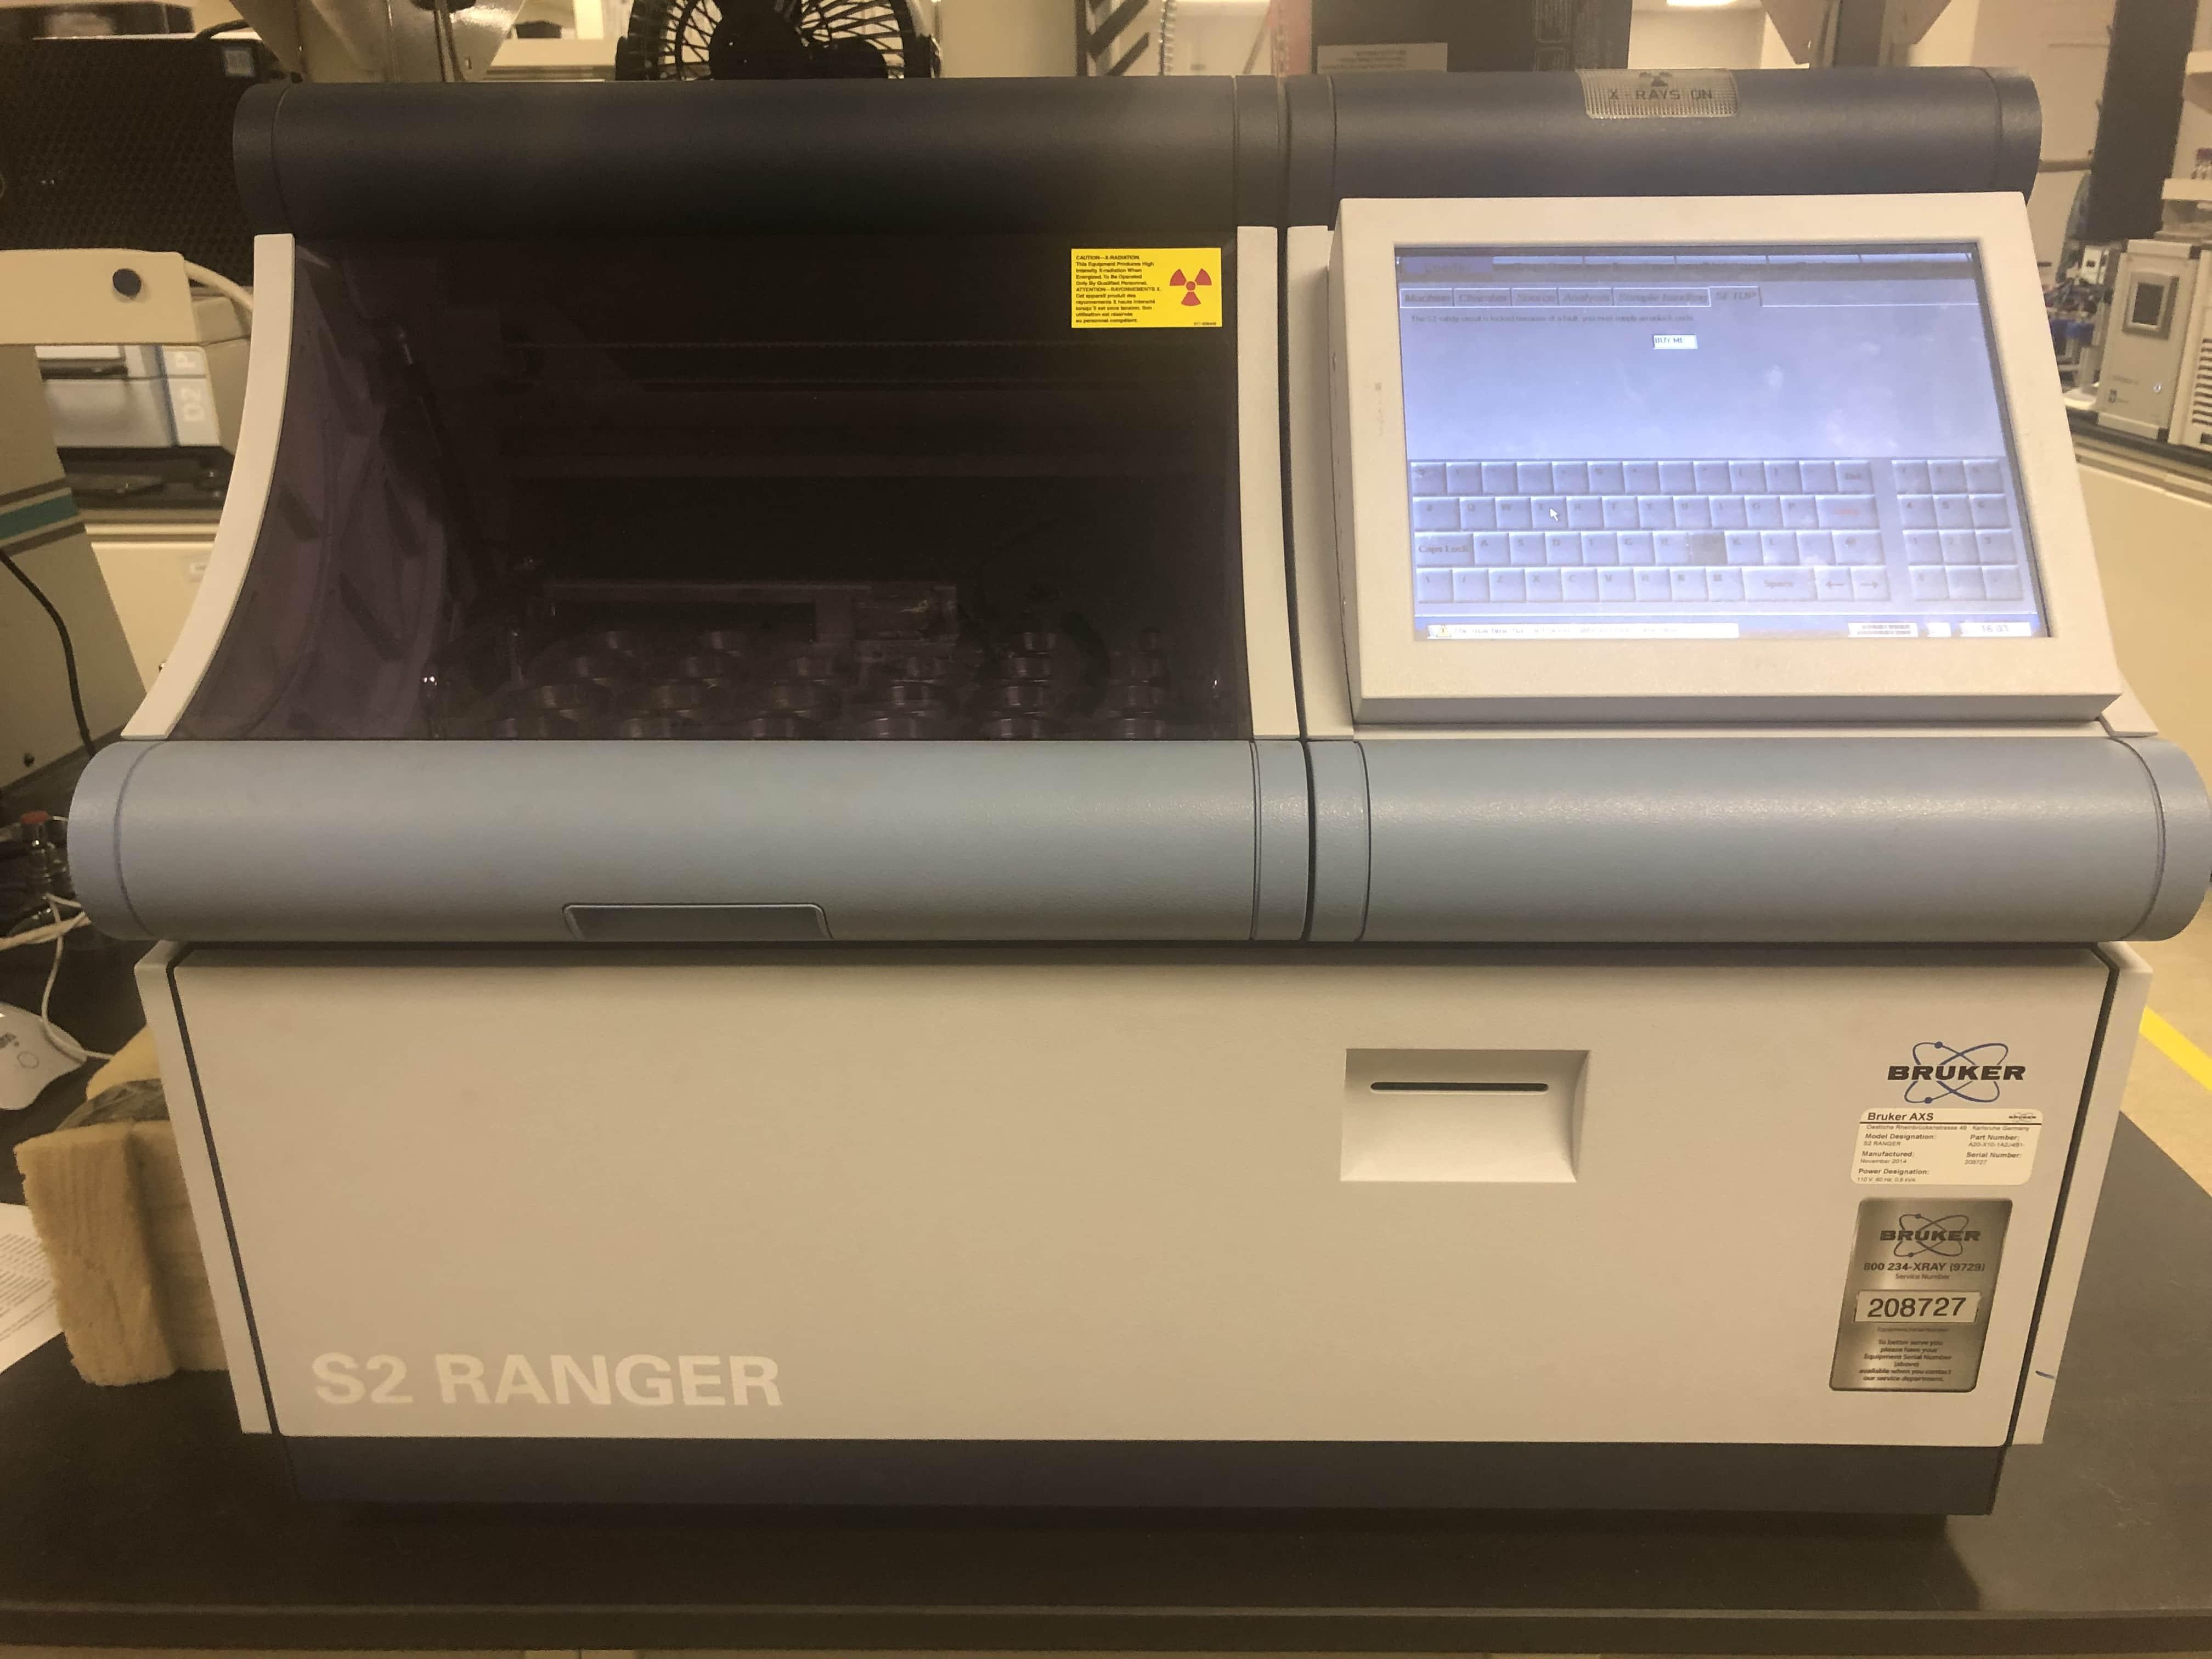 Bruker S2 Ranger XRF Analyzer